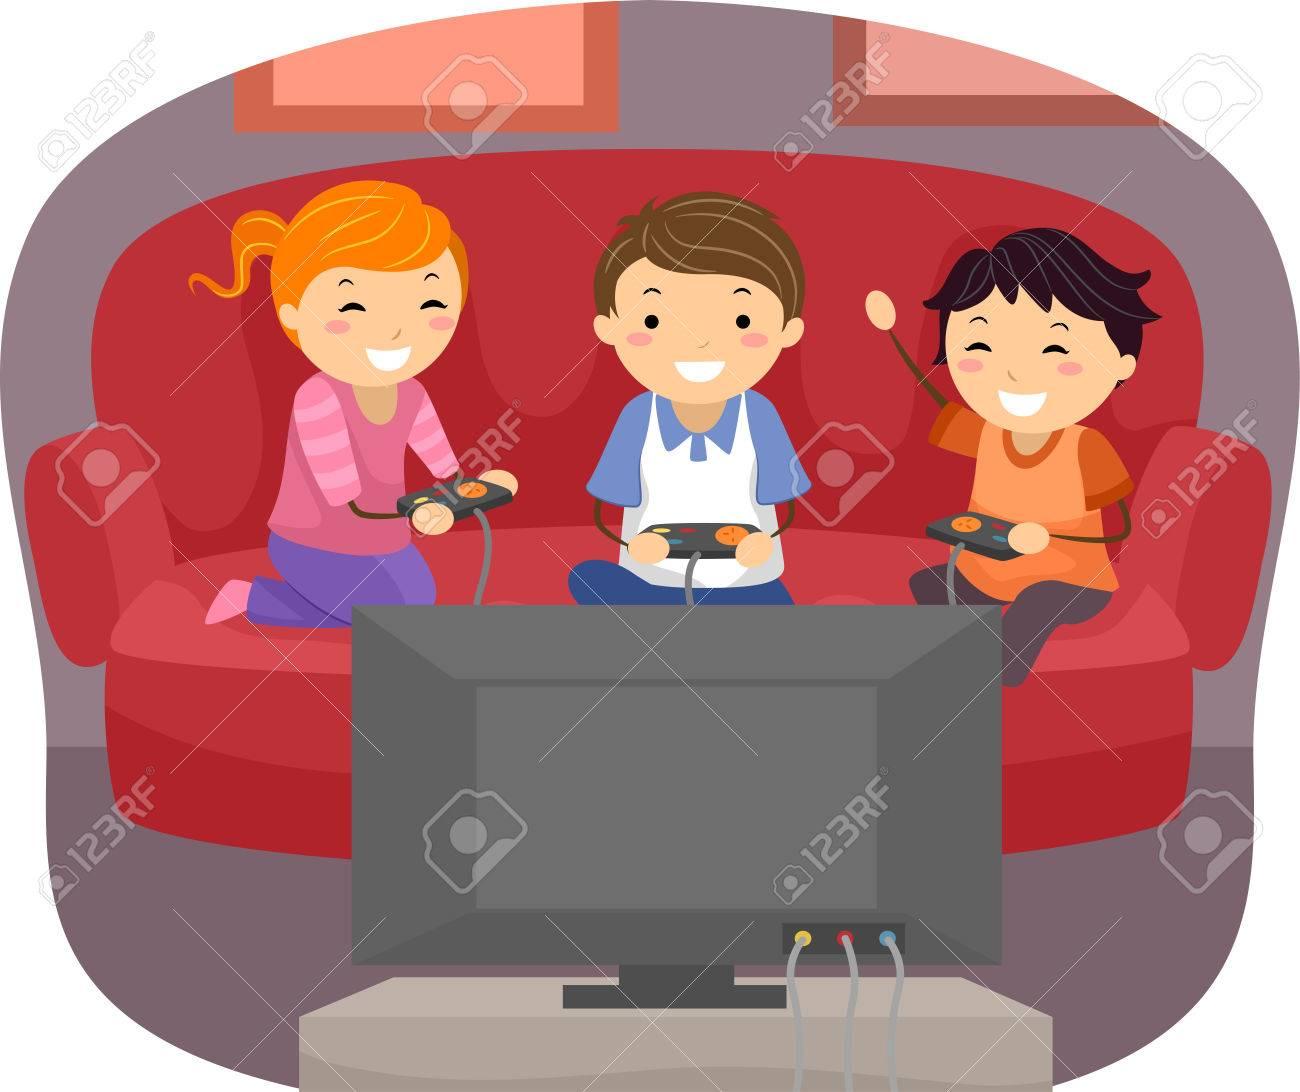 Ilustracion De Ninos Jugando Videojuegos En La Sala De Estar